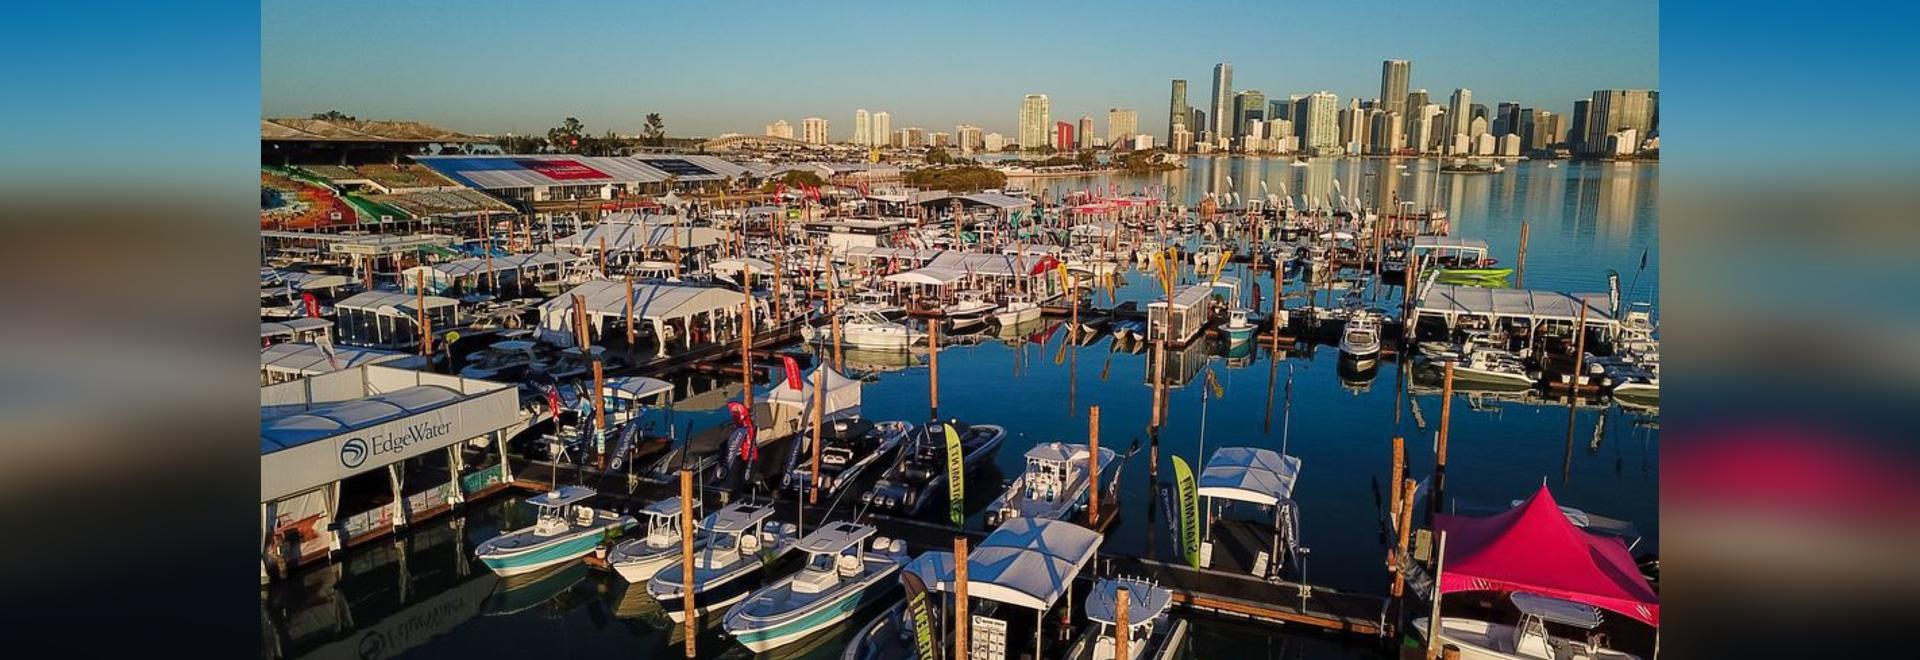 Die Skyline von Miami bietet die perfekte Kulisse für ein Wochenende zum Ausprobieren neuer Boote und Ausrüstungen auf der jährlichen Miami International Boat Show.Mit freundlicher Genehmigung der ...